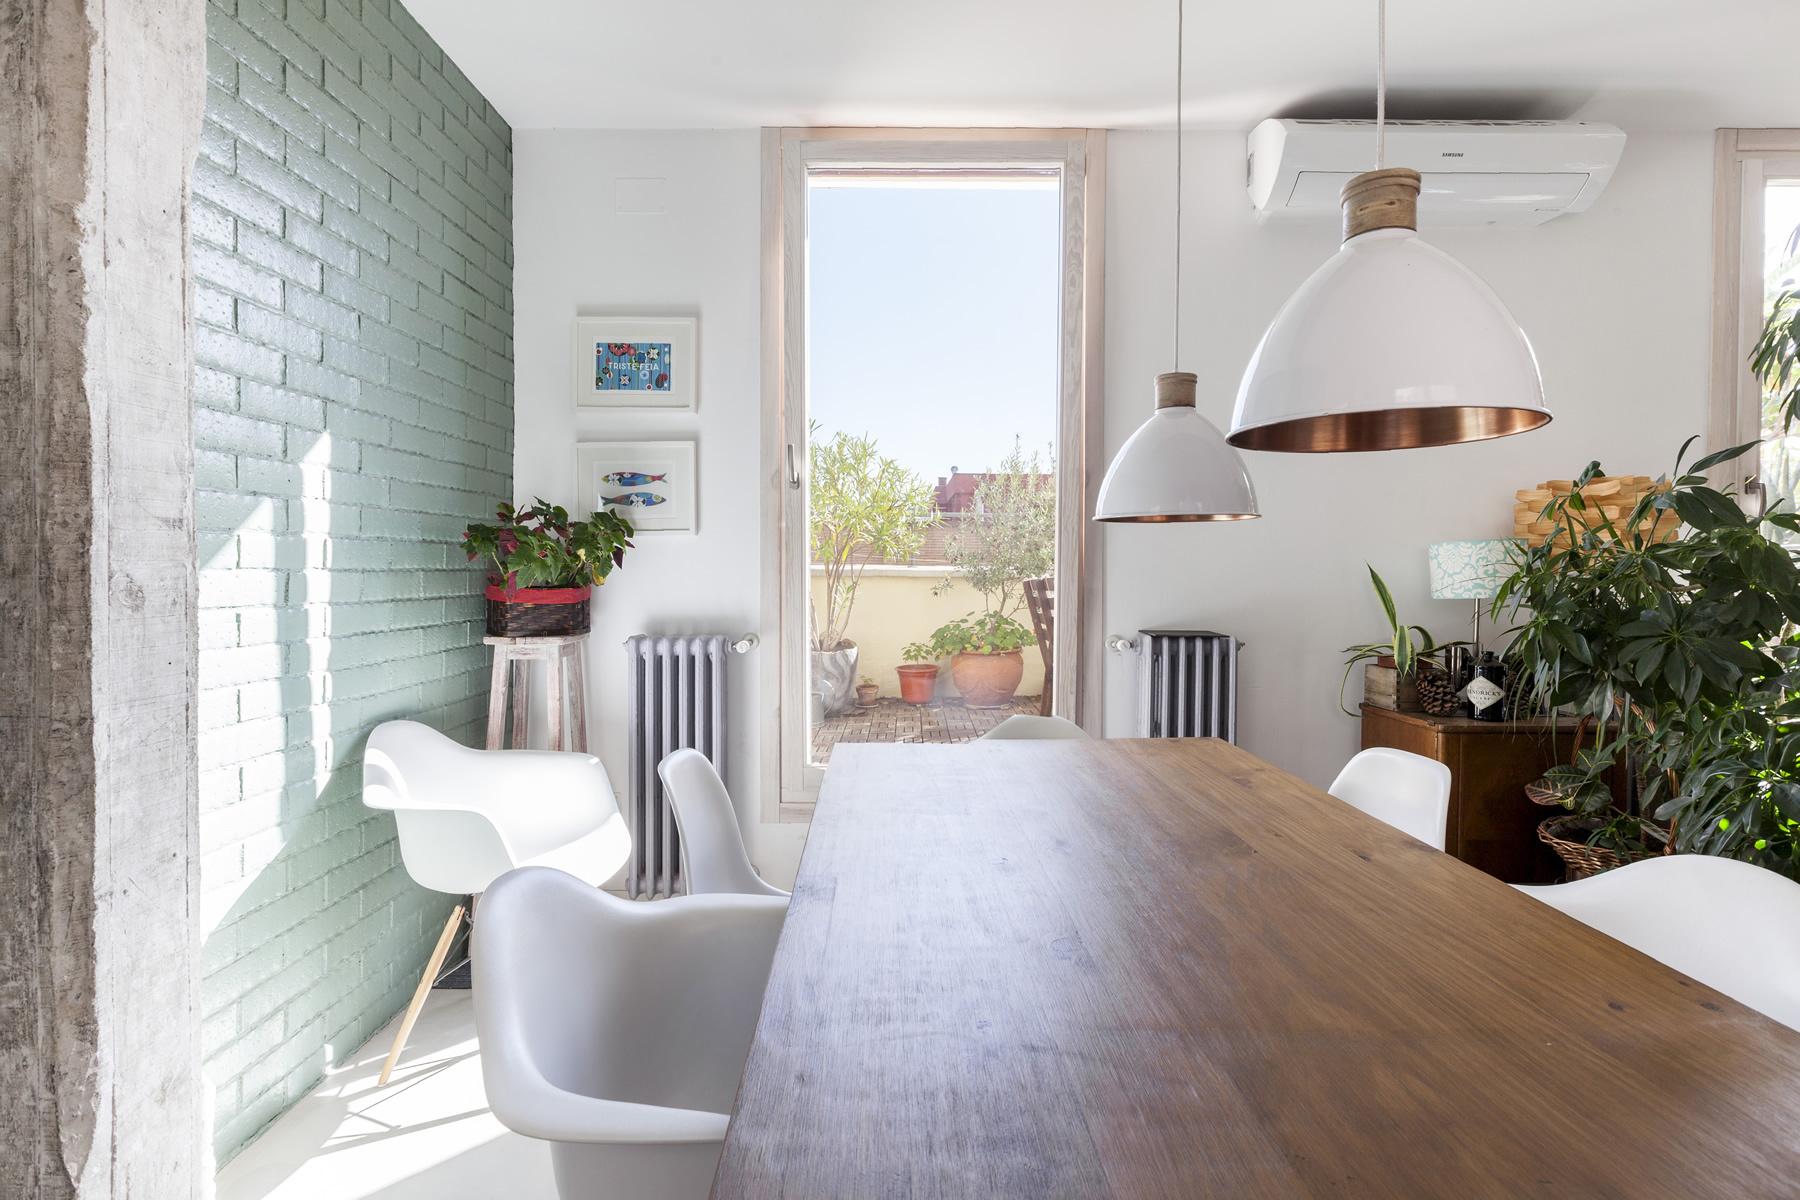 Reforma en madrid de ocho habitaciones a cuatro blog tienda decoraci n estilo n rdico - Decoracion madrid ...